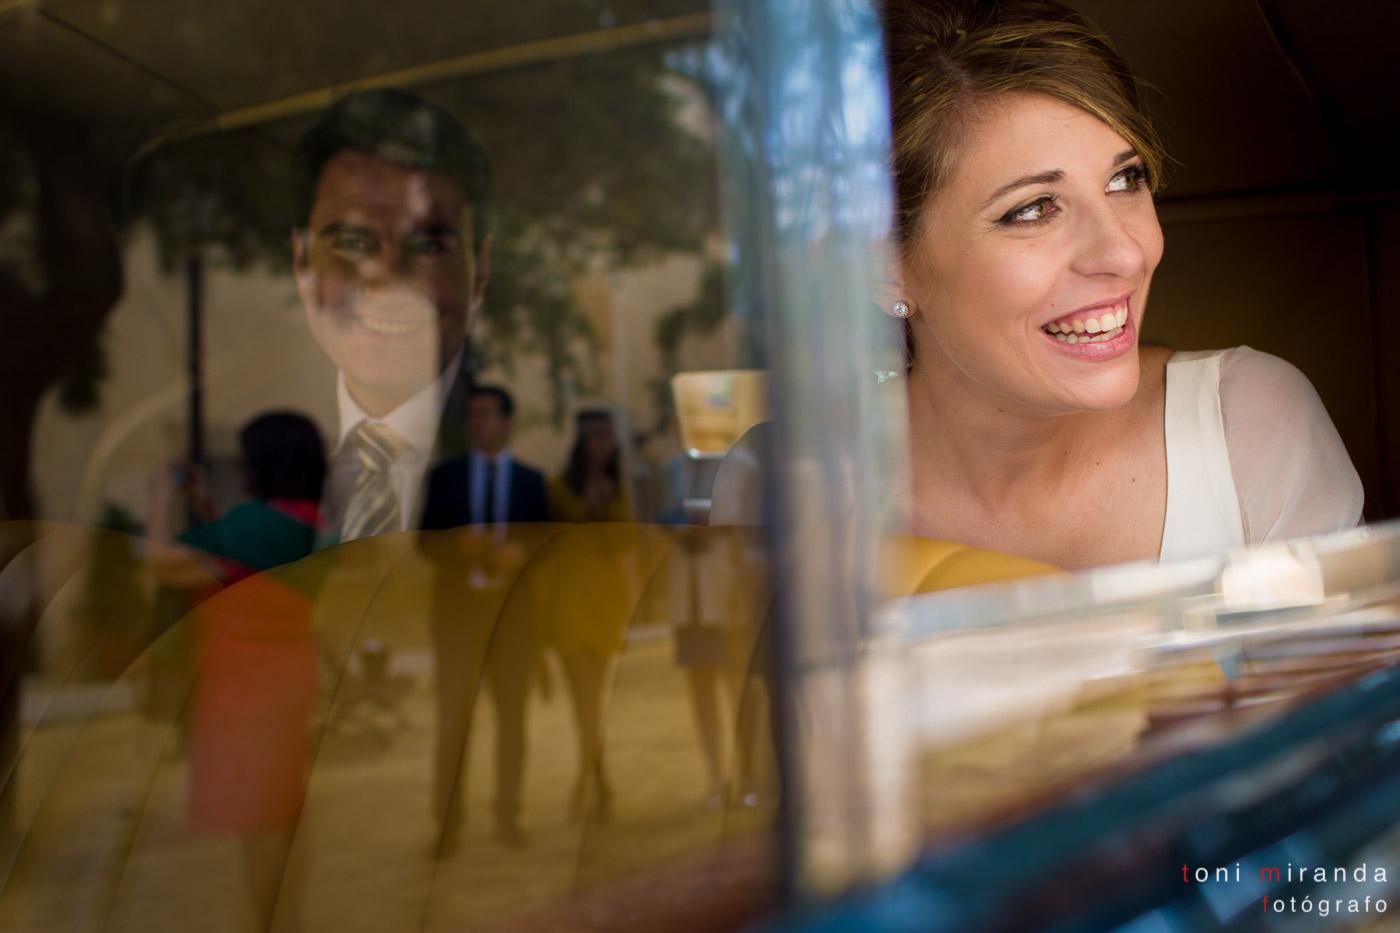 Recién casados en el vehículo nupcial camino del banquete